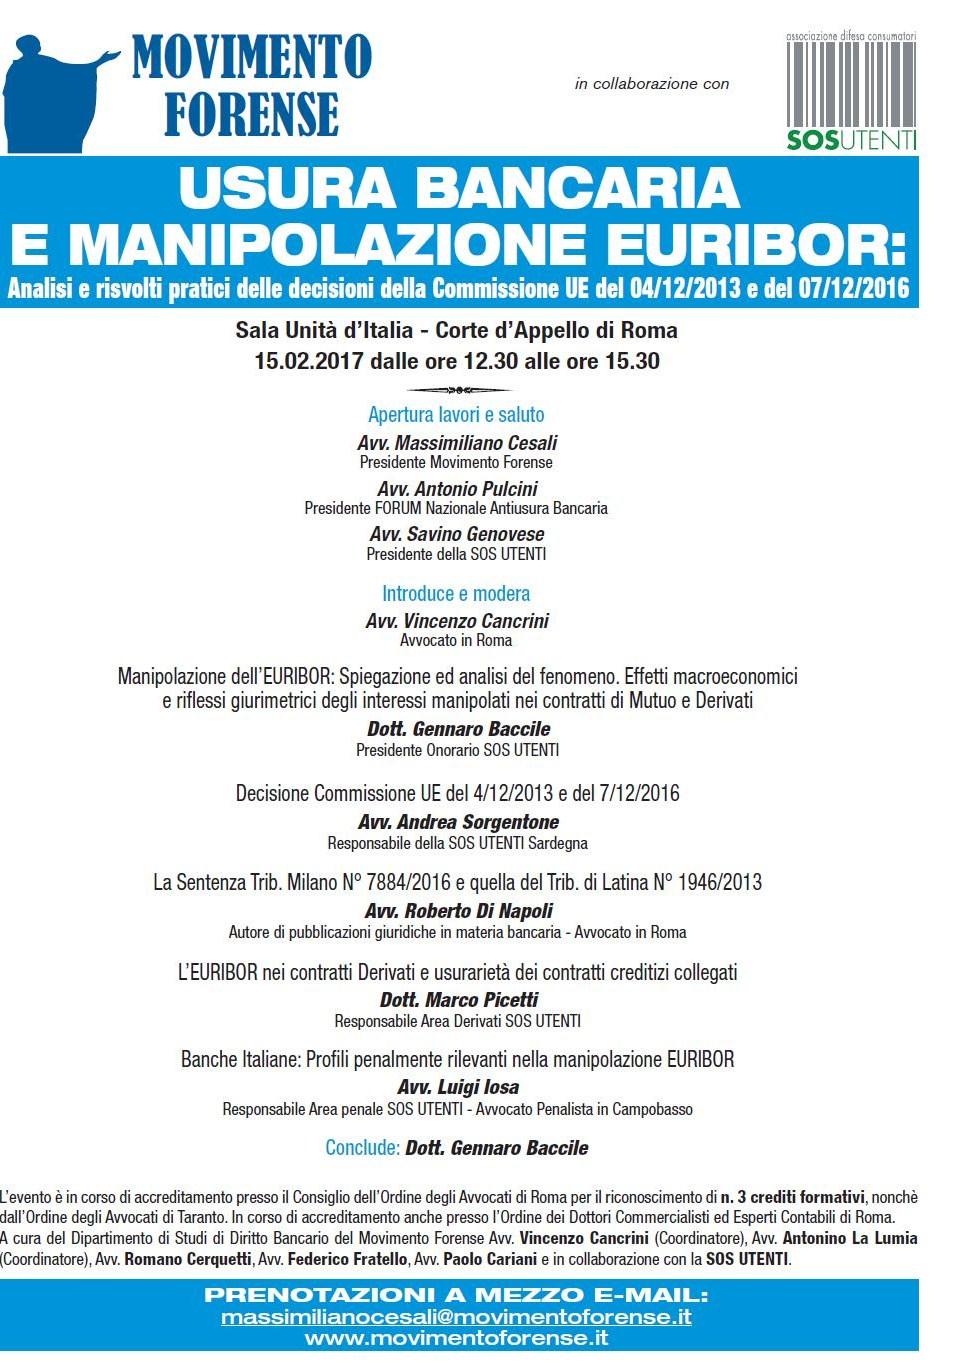 locandina convegno 15 febbraio 2017 manipolazione tasso euribor